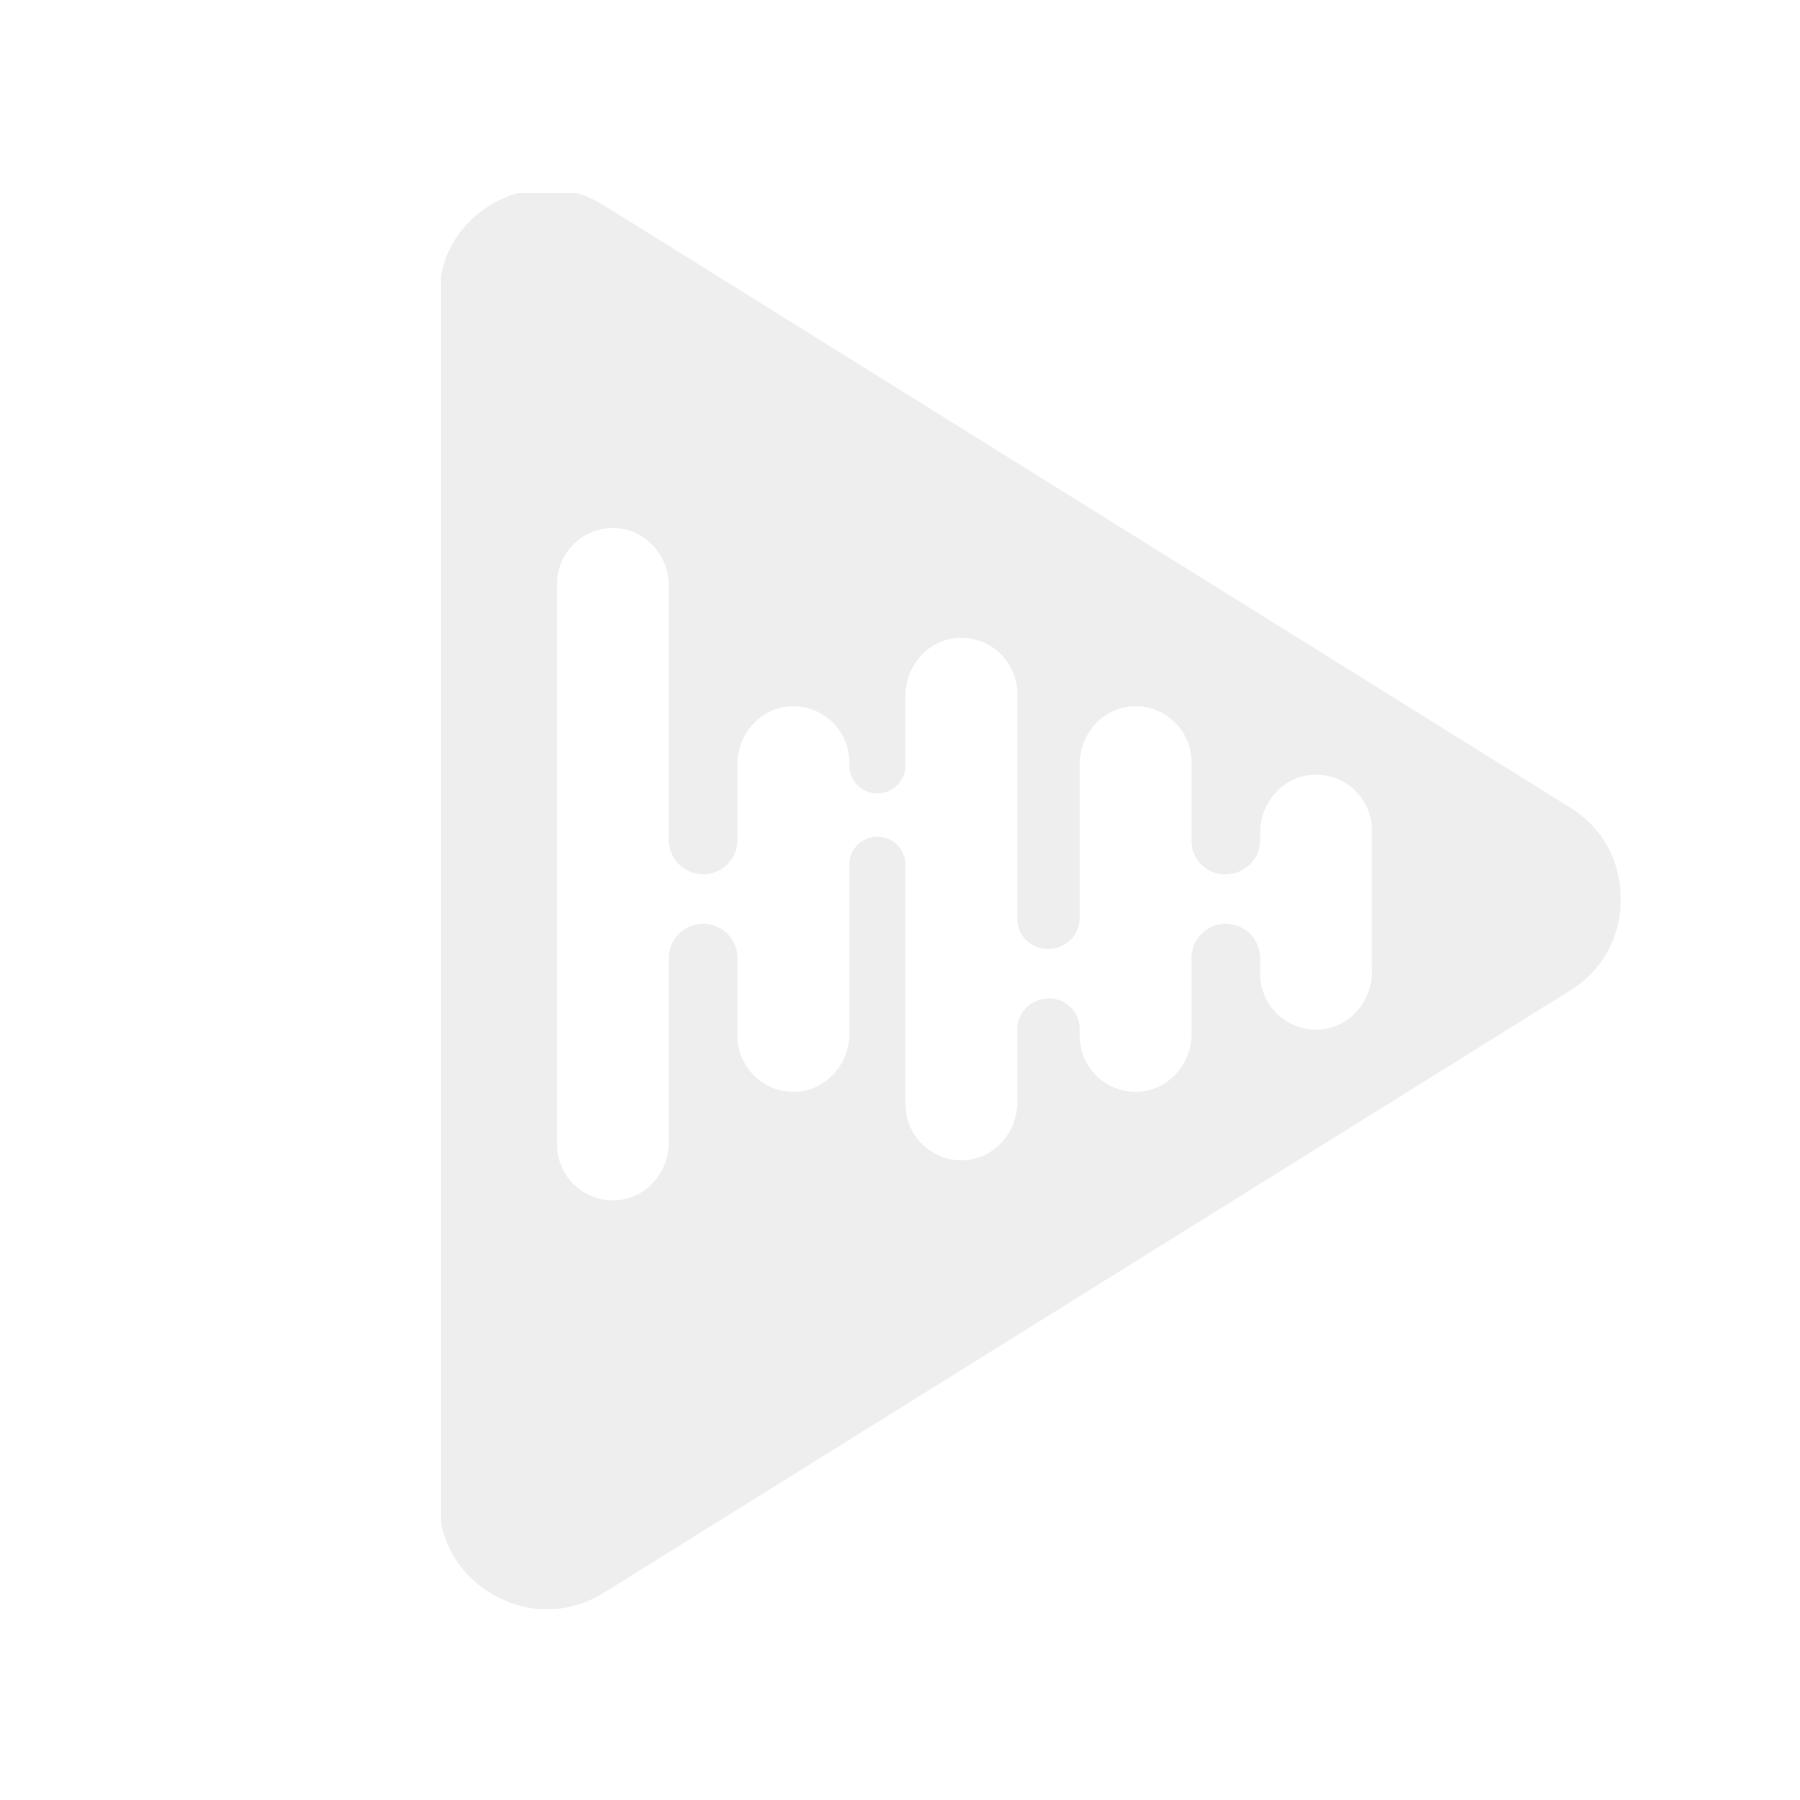 Hertz SPL Show SX 380 D.1 - 15